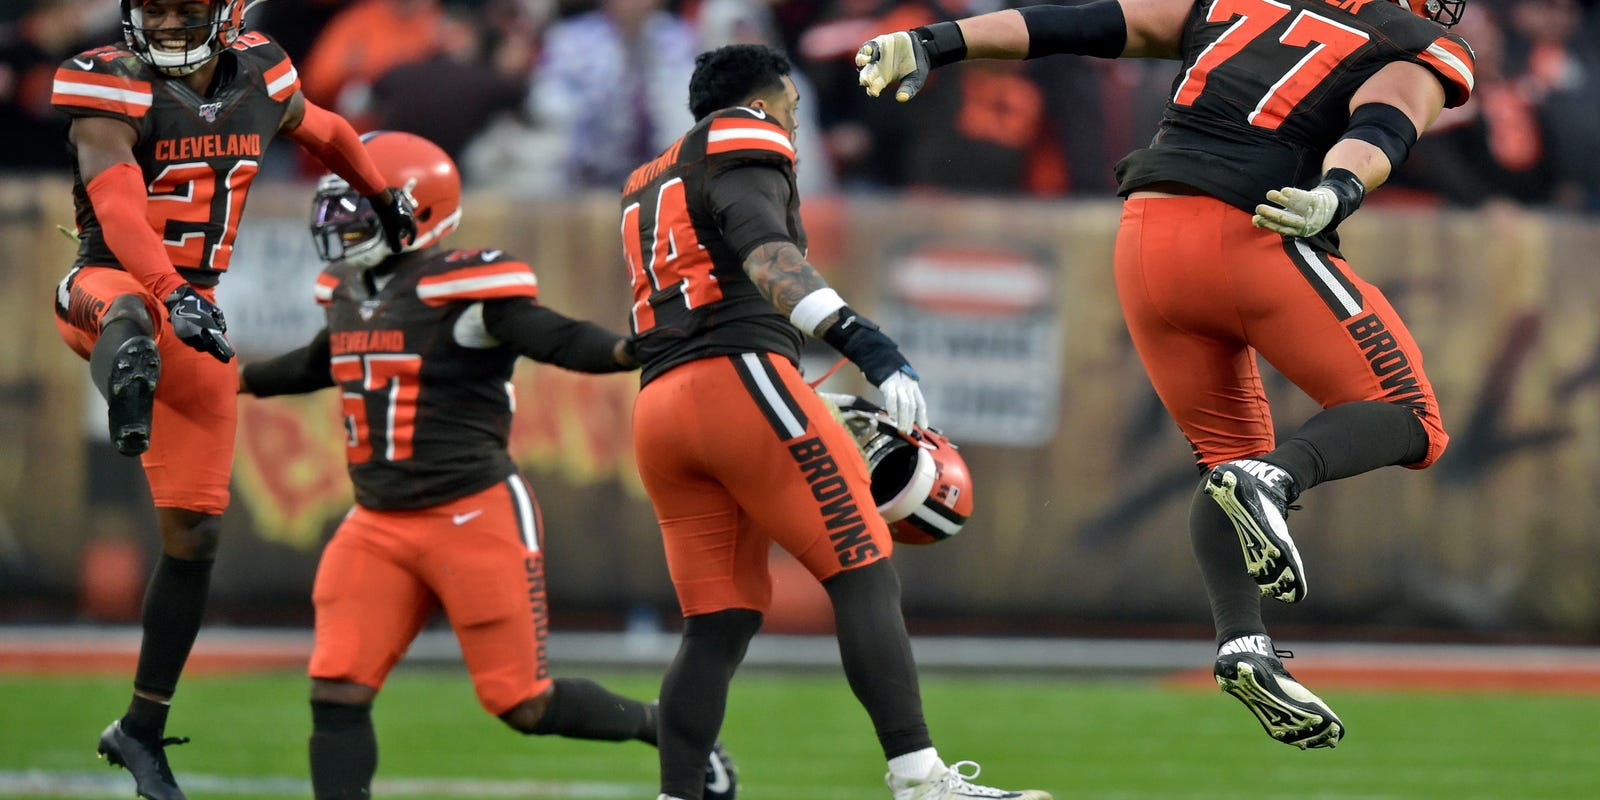 Browns take step forward in strange, unpredictable season